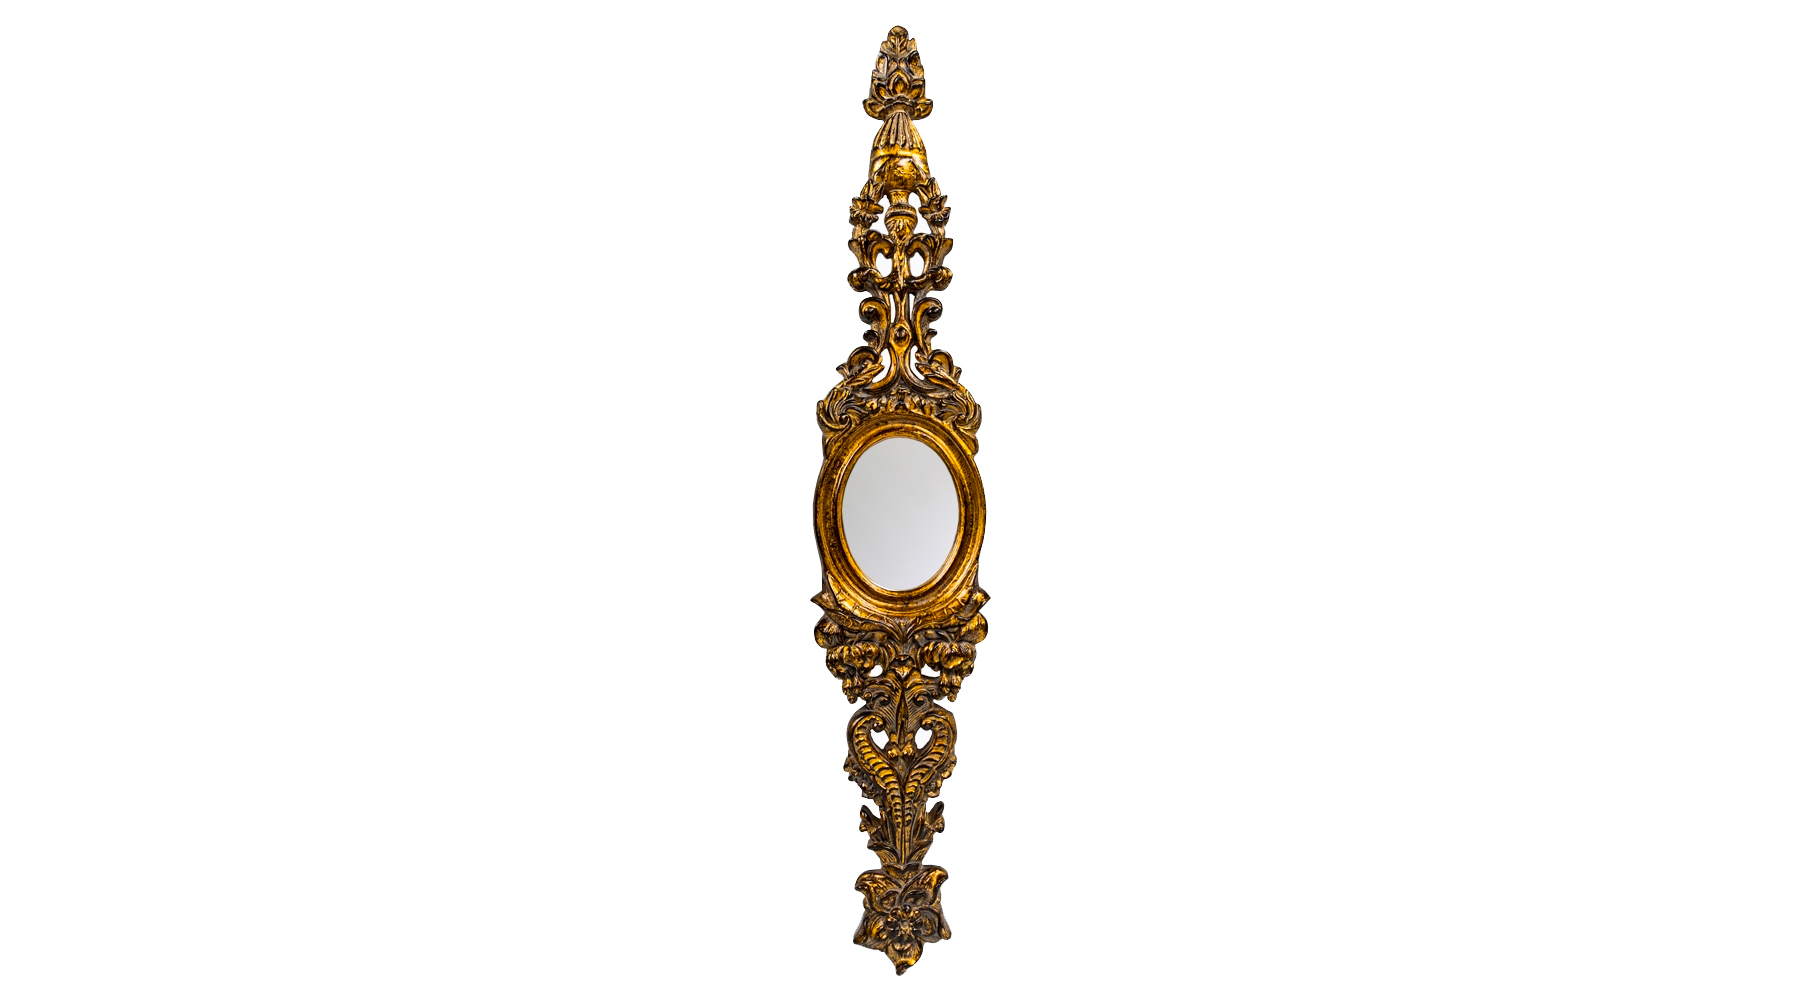 Настенное зеркало «Моник»Настенные зеркала<br>Такое необычное зеркало-панно напоминает старинные дамские украшения из благородных металлов. Золоченая рама с тончайшей резьбой изготовлена из мебельного полиуретана. Этот материал очень прочен, не крошится, не трескается. Качественное лакокрасочное покрытие не изменяет своих свойств, не тускнеет со временем. Зеркальная гладь толщиной 5 мм с покрытием из серебряной амальгамы максимально точно, без искажений отражает объекты и предметы. Она не боится влаги и не подвержена коррозии. Вес: 1,6 кг.<br><br>Material: Полиуретан<br>Width см: 23<br>Depth см: 4,4<br>Height см: 124,5